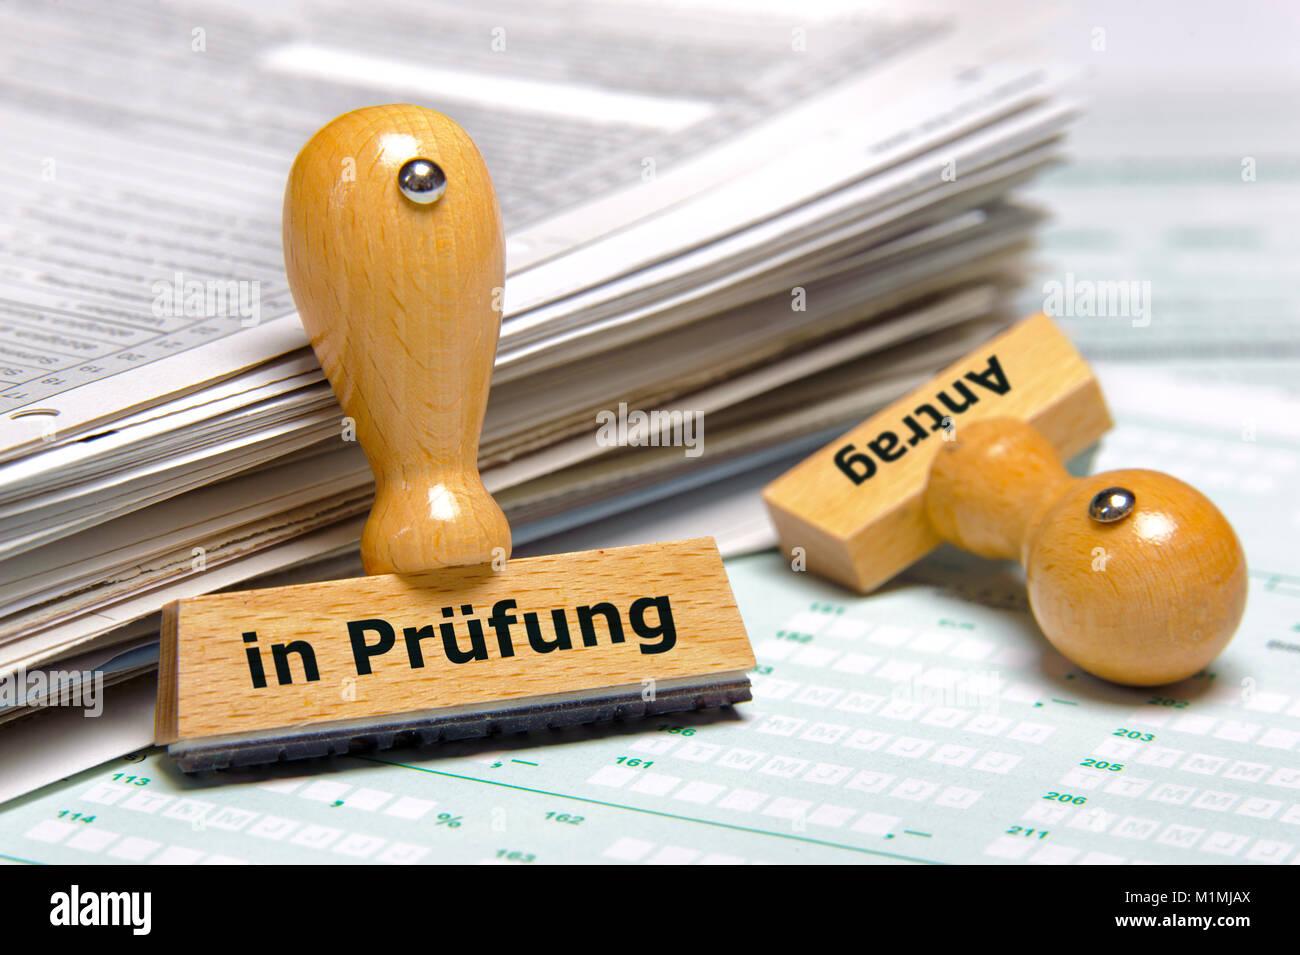 Antrag in Prüfung markiert auf Stempel - Stock Image